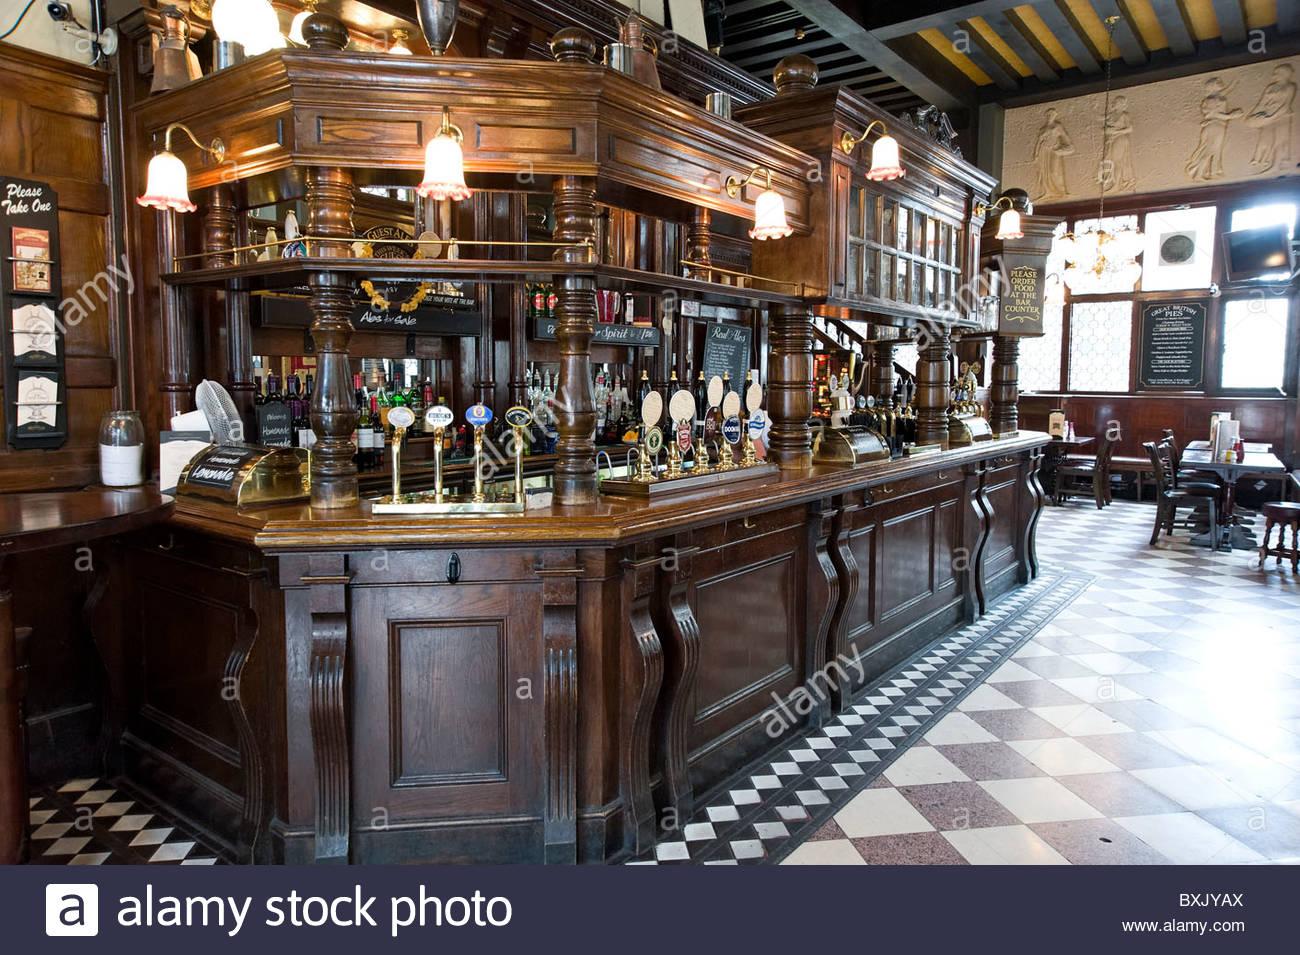 The Coal Hole pub on the Strand, London, England, UK - Stock Image